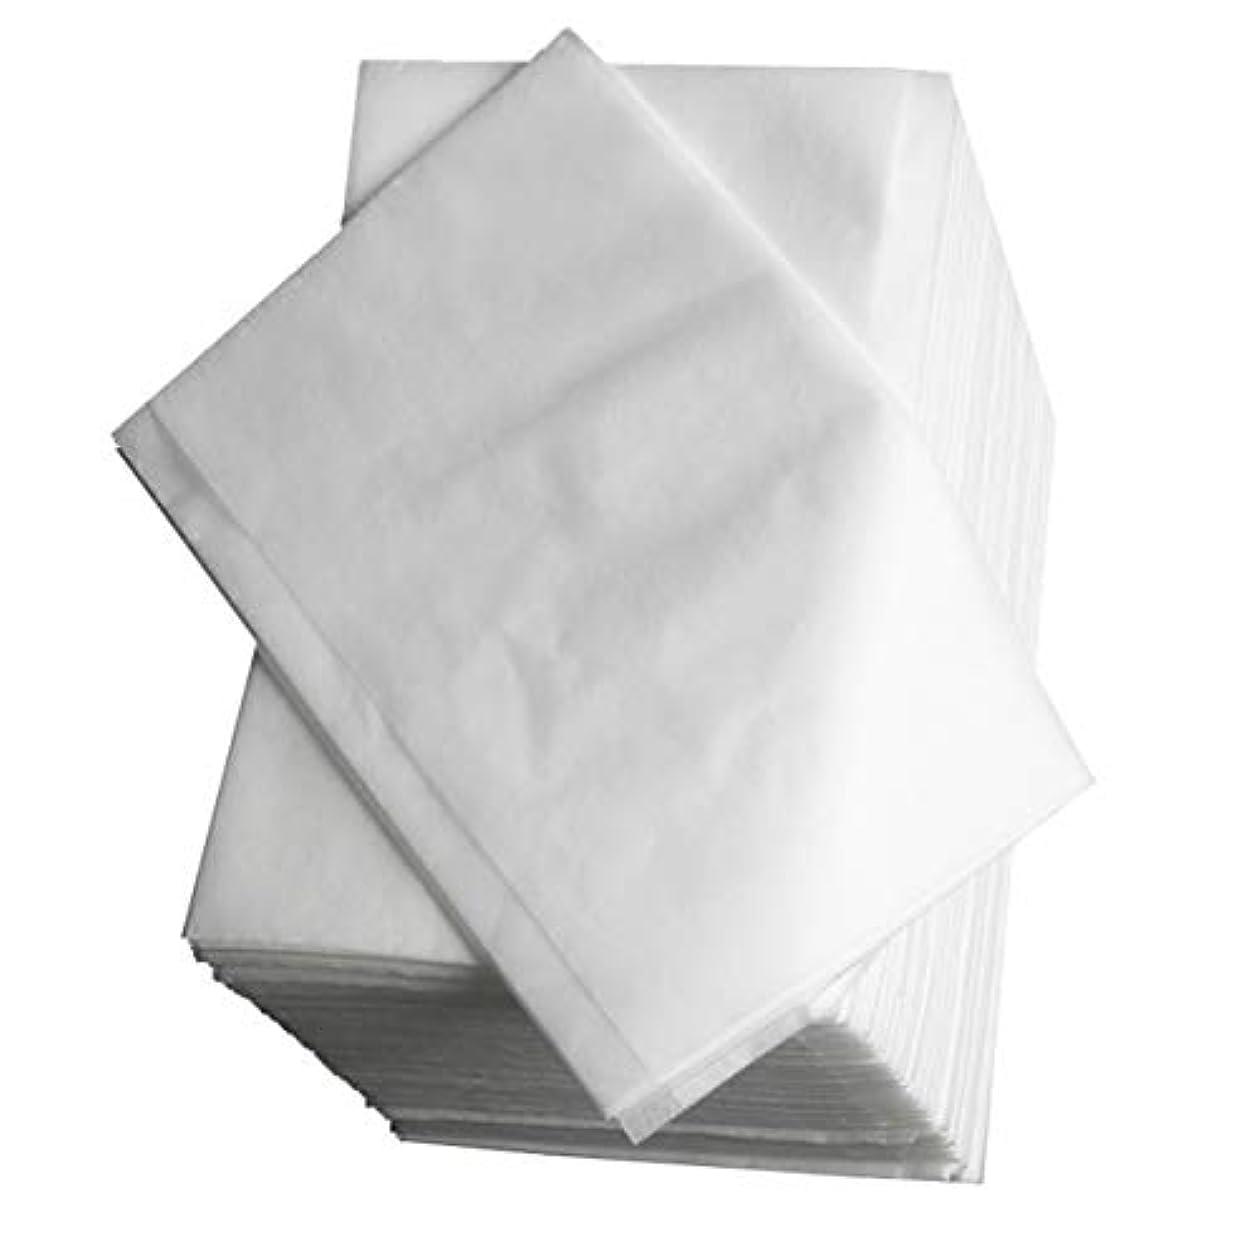 持ってる広範囲合体Disposable Bed Linen Beauty Salon Massage Travel Medical Non-woven Mattress Breathable Antibacterial Anti-infective